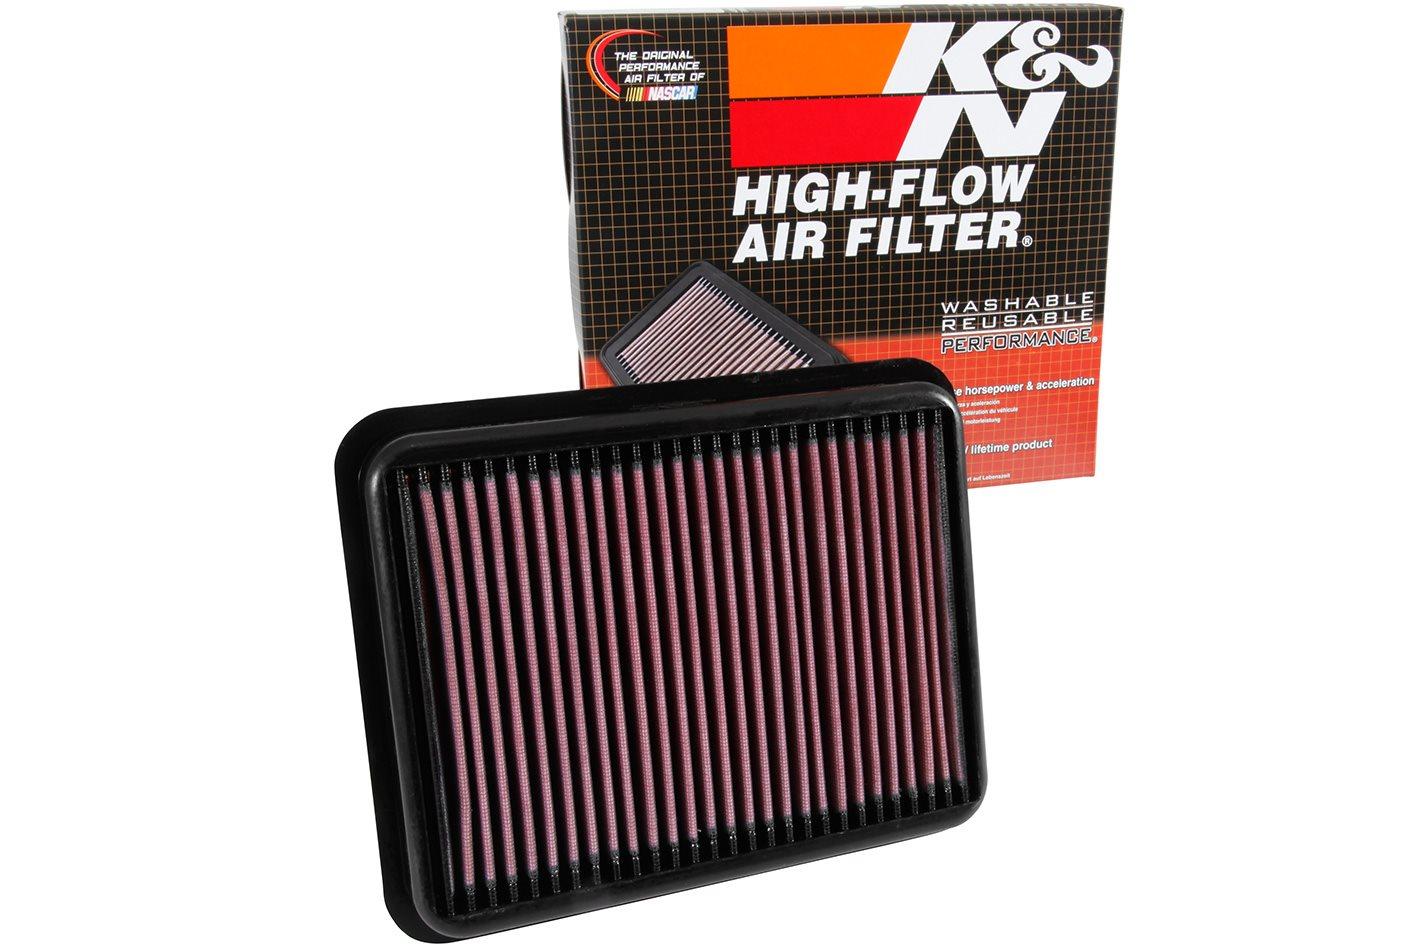 K&N ENGINEERING 33-3062 AIR FILTER